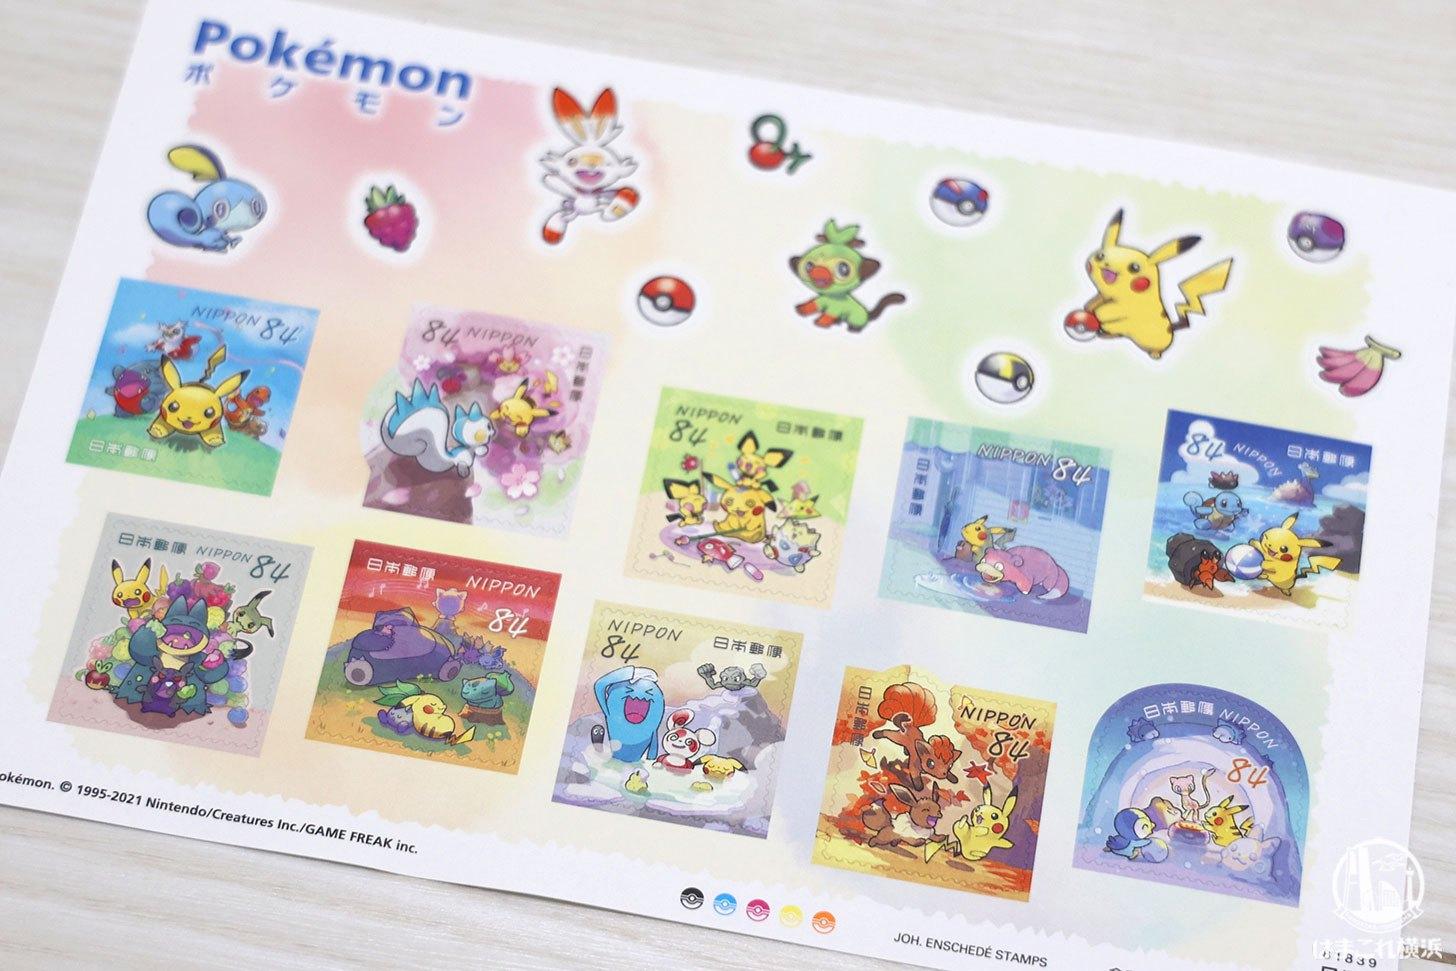 84円のポケモン切手